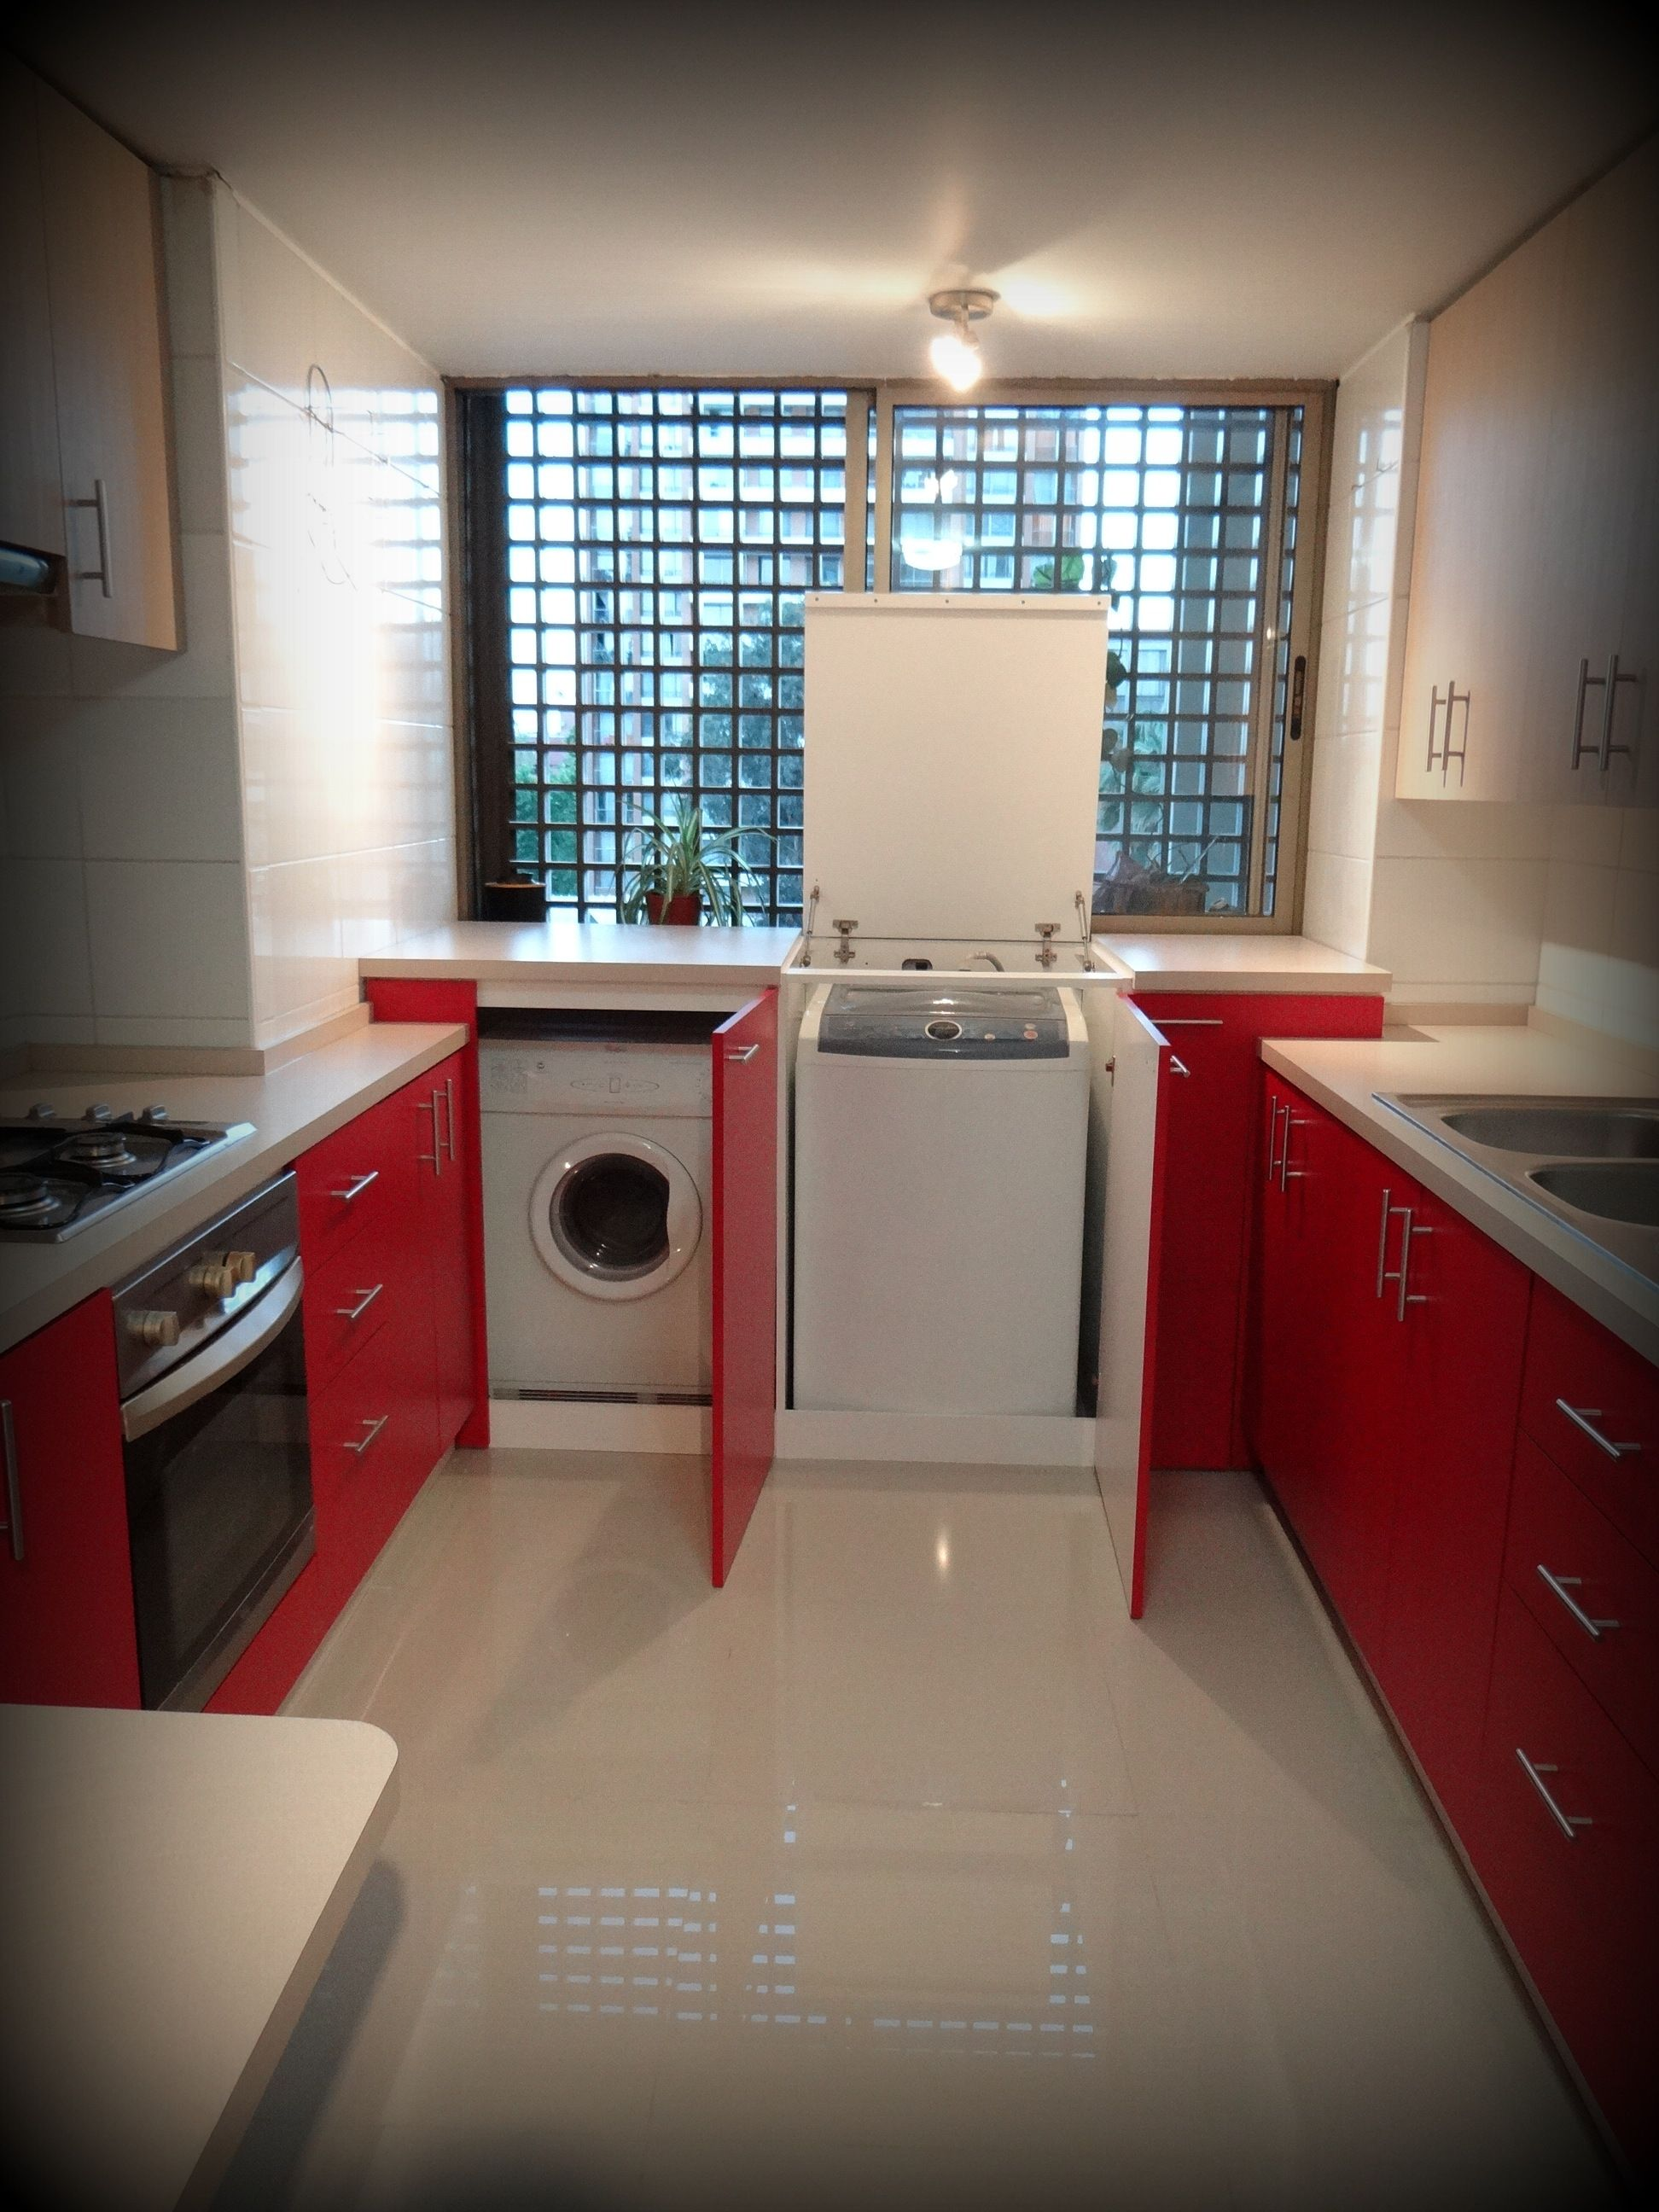 Soluci n para secadora y lavadora con carga superior y for Amoblamientos para lavaderos